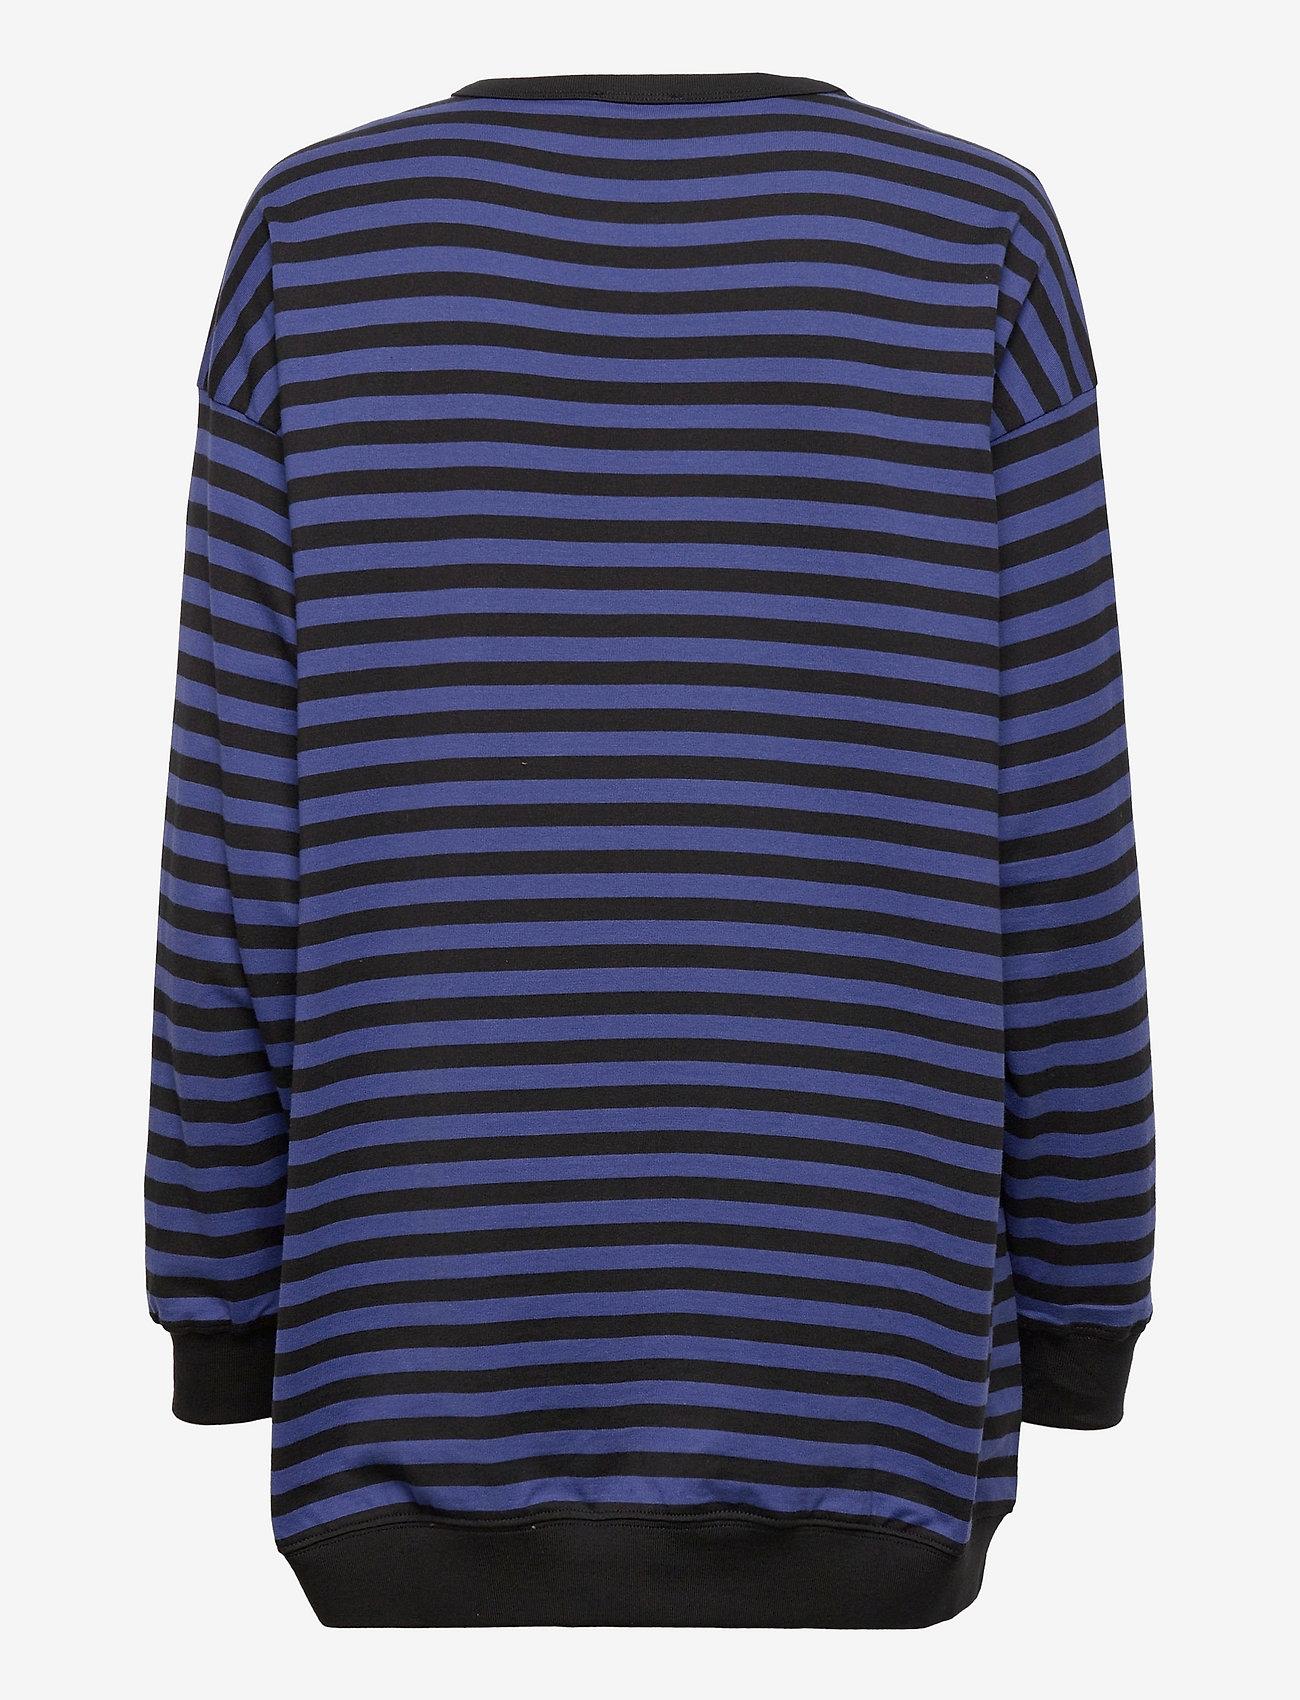 Marimekko - JUURET TASARAITA TUNIC - sweatshirts - black, blue - 1